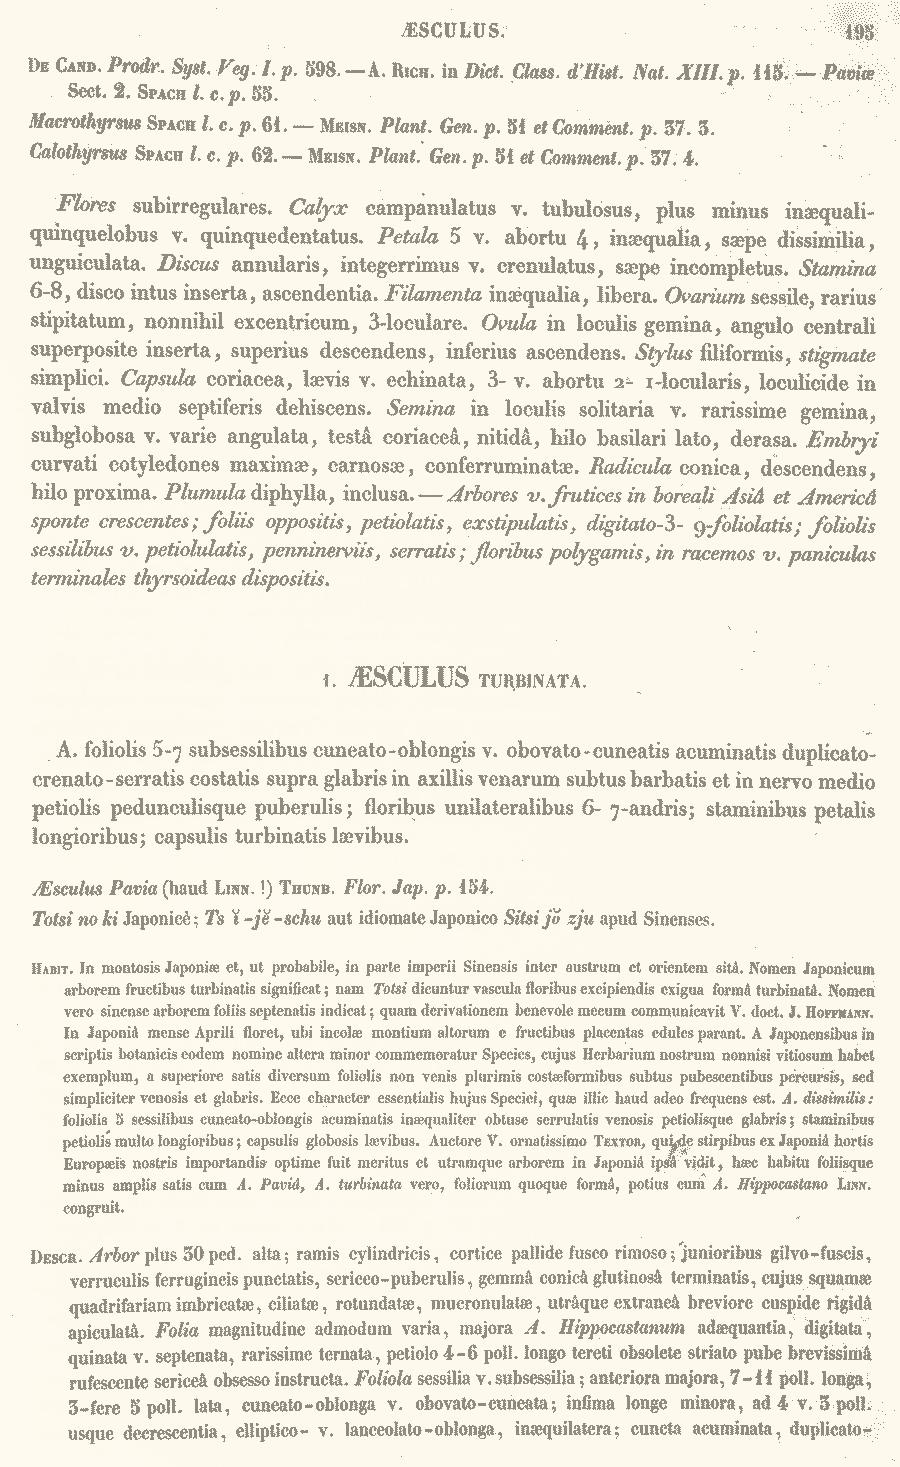 Aesculus_turbinata_2a.png